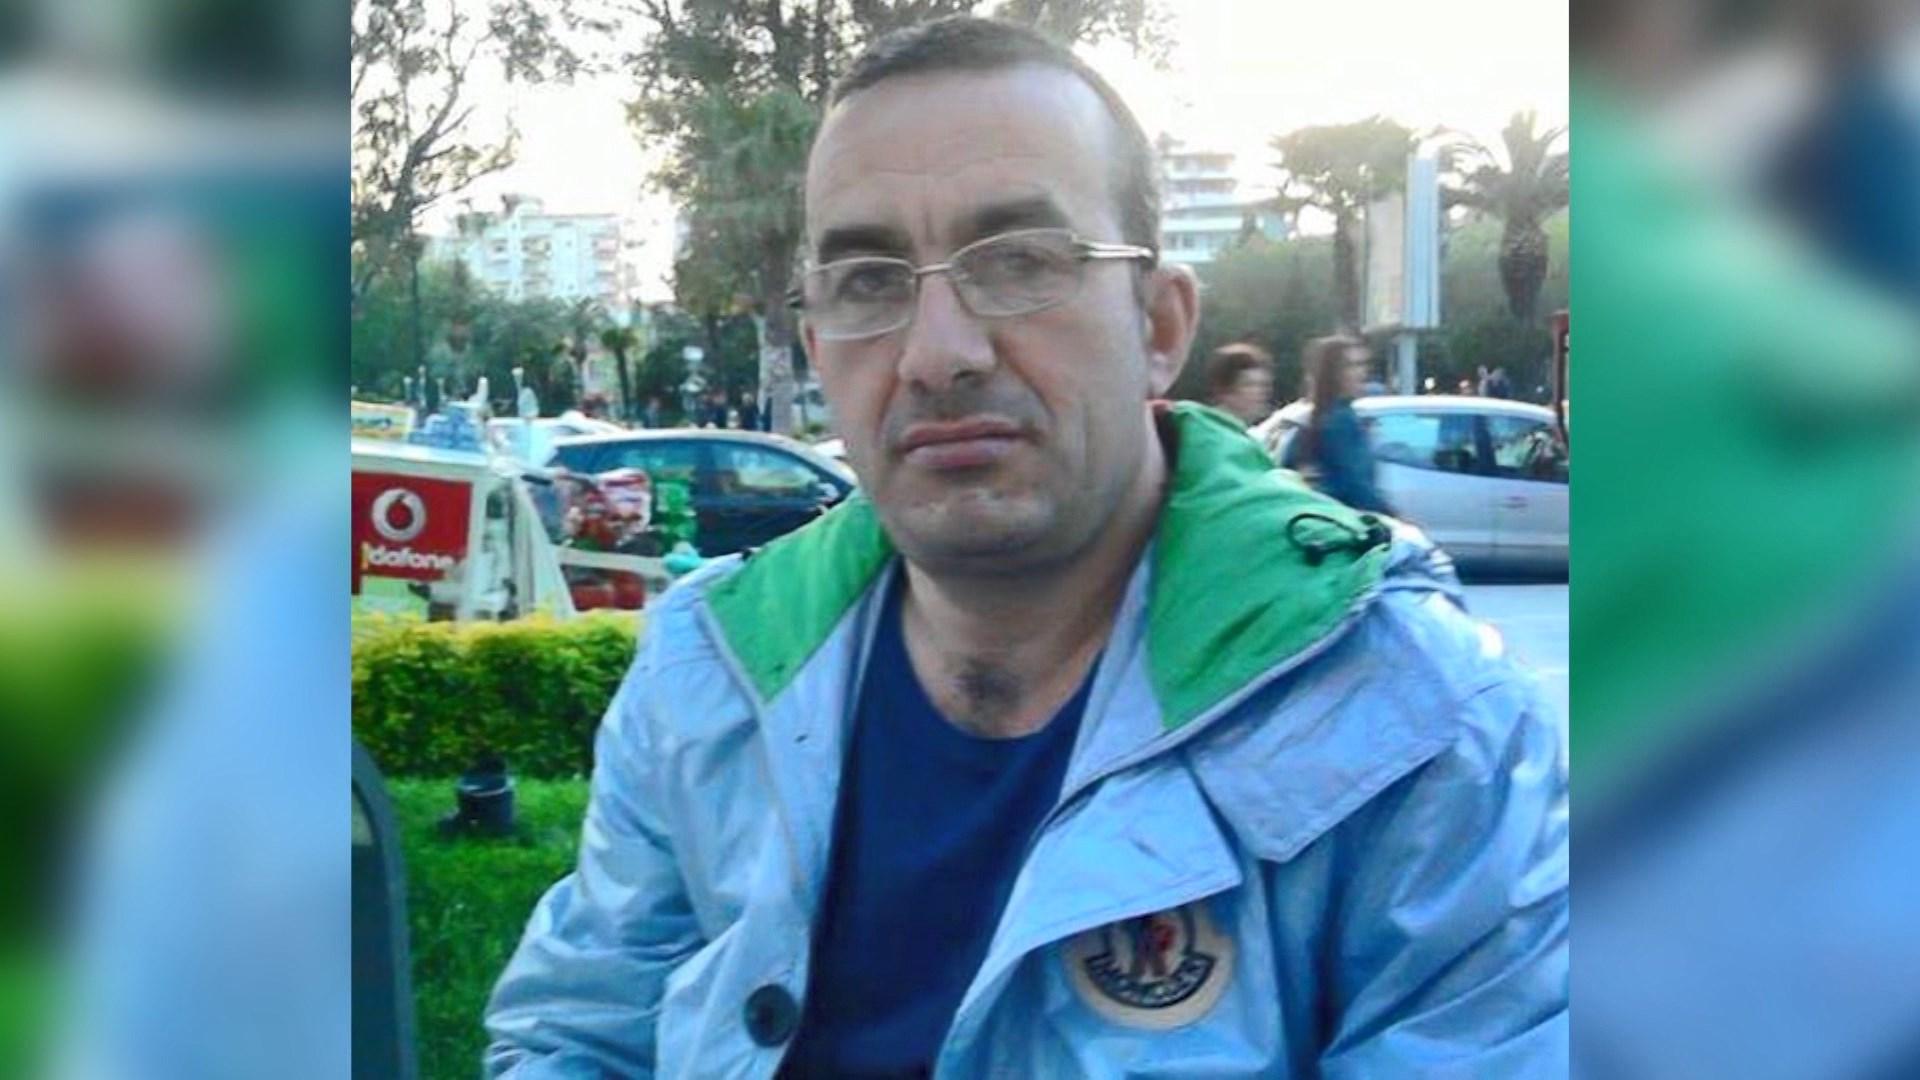 Vrau bashkëshorten, dënohet me 35 vite burg ish-gardisti Alket Arapaj